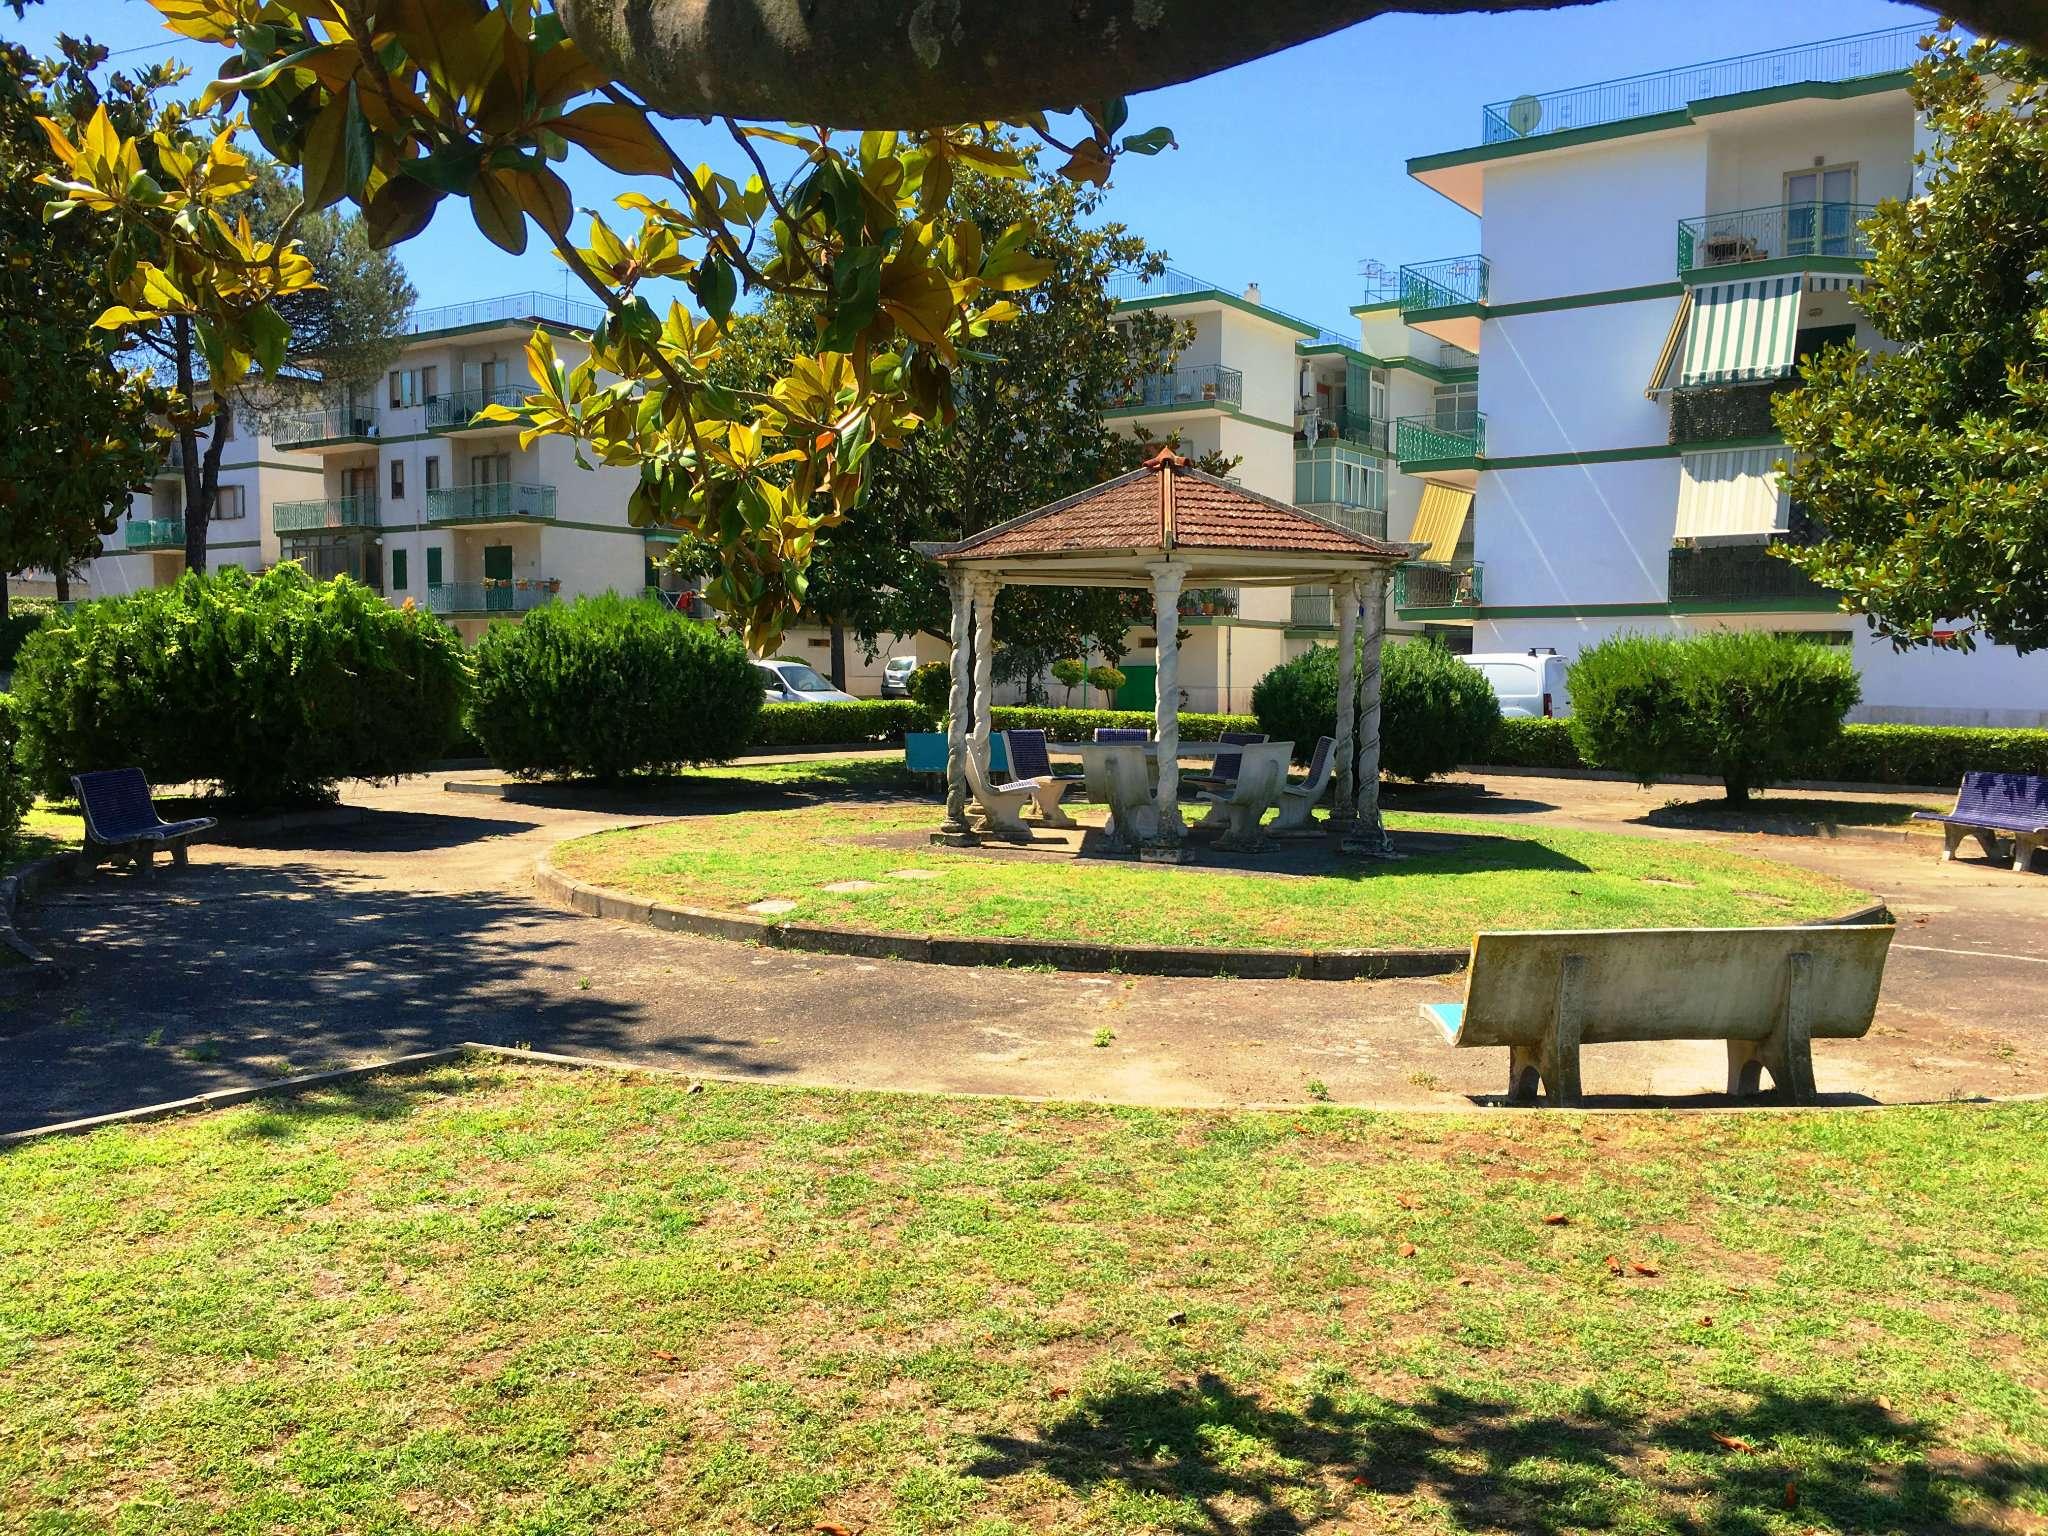 Appartamento in vendita a Ercolano, 5 locali, prezzo € 225.000 | CambioCasa.it